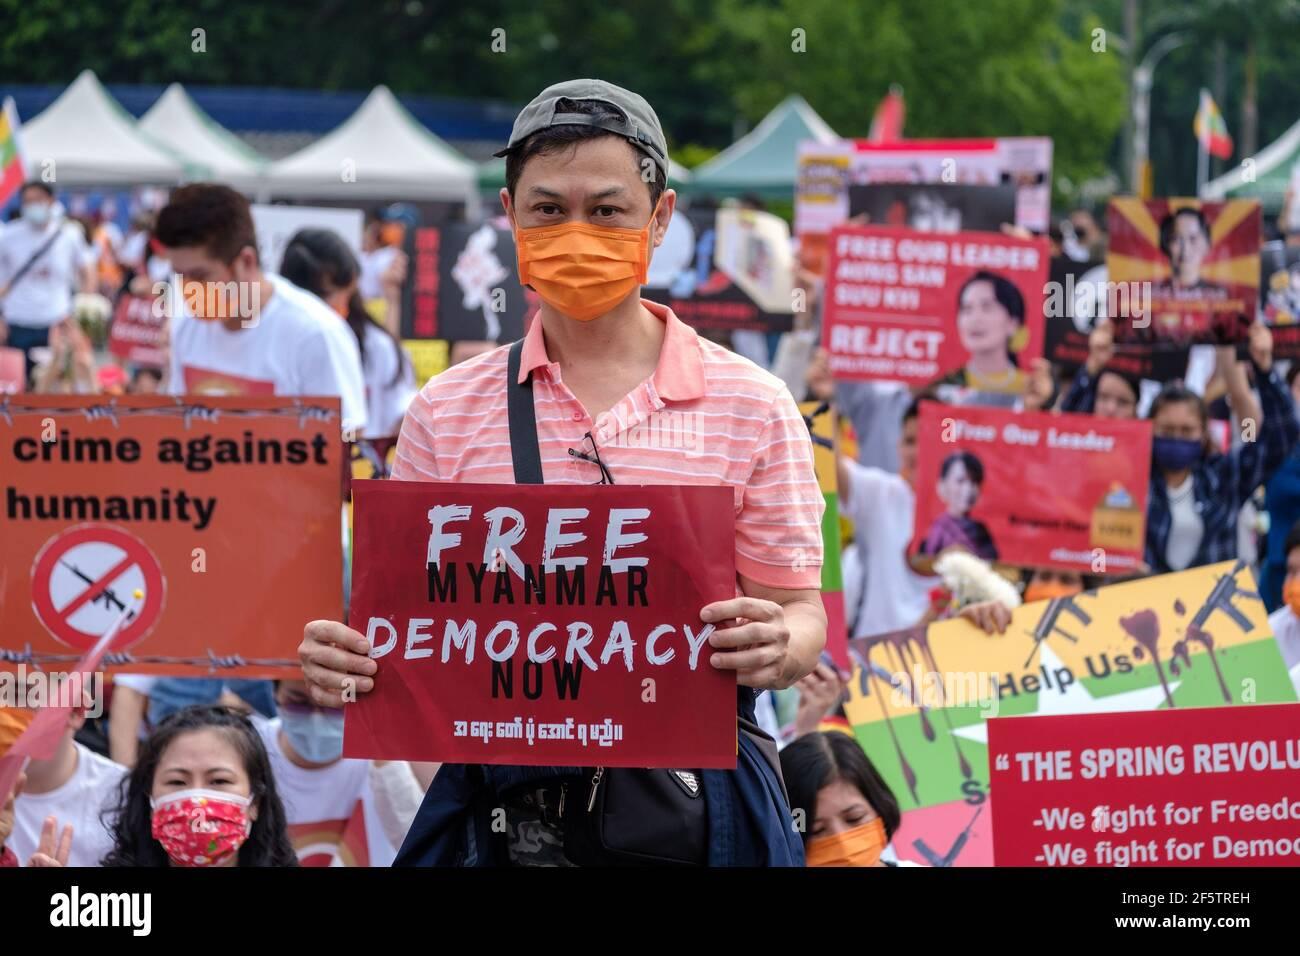 Während der Demonstration halten Demonstranten Plakate.Burmesen, die in Taiwan leben, versammelten sich zusammen mit den lokalen Gemeinschaften am Platz der Freiheit, um ein Ende des Militärputsches in Myanmar zu fordern. Polizei und Militärsoldaten aus Myanmar (Tatmadow) griffen Demonstranten am Samstag in Myanmar mit Gummigeschossen, lebender Munition, Tränengas und Betäubungsbomben als Reaktion auf antimilitärische Putschprotestierende an, bei denen mehr als 100 Menschen getötet und viele andere verletzt wurden. Mindestens 300 Menschen sind seit dem Putsch vom 1. Februar in Myanmar getötet worden, sagte ein Menschenrechtsbeamter der Vereinten Nationen. Das Militär von Myanmar hat den Staatsrat festgenommen Stockfoto